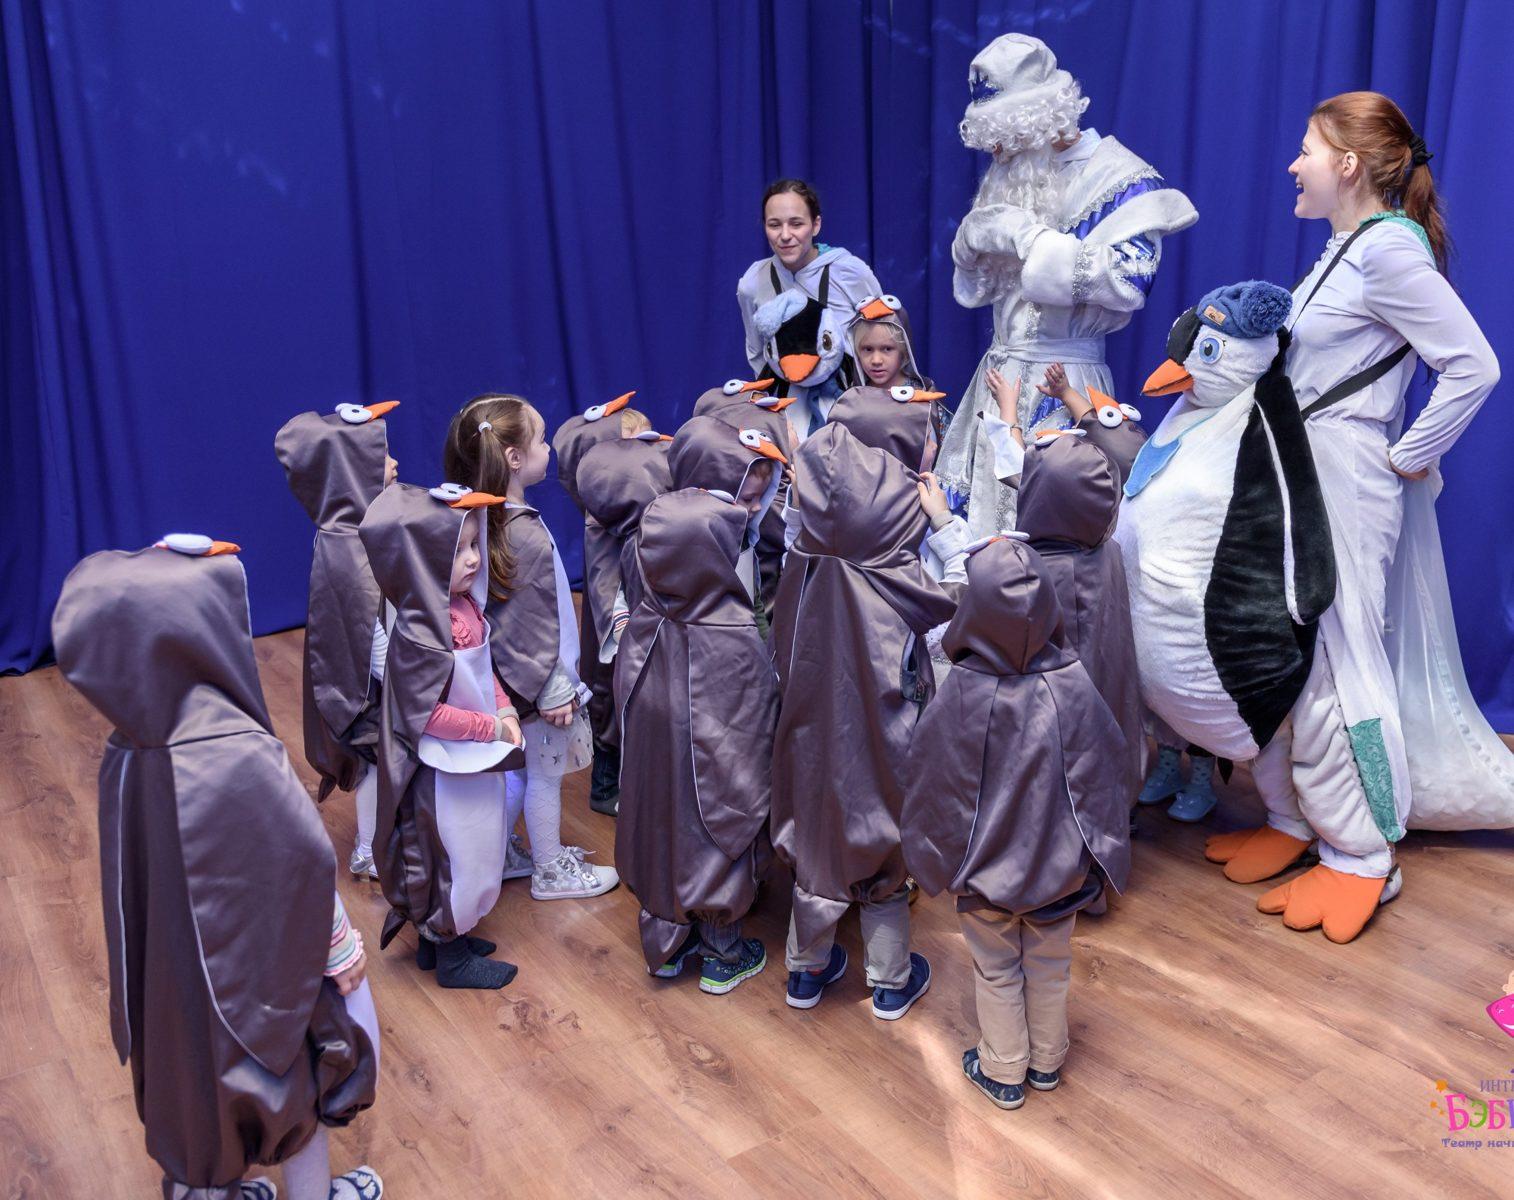 Интерактивный спектакль «Антарктида Snow Show» в Театральном музее им. Бахрушина – события на сайте «Московские Сезоны»